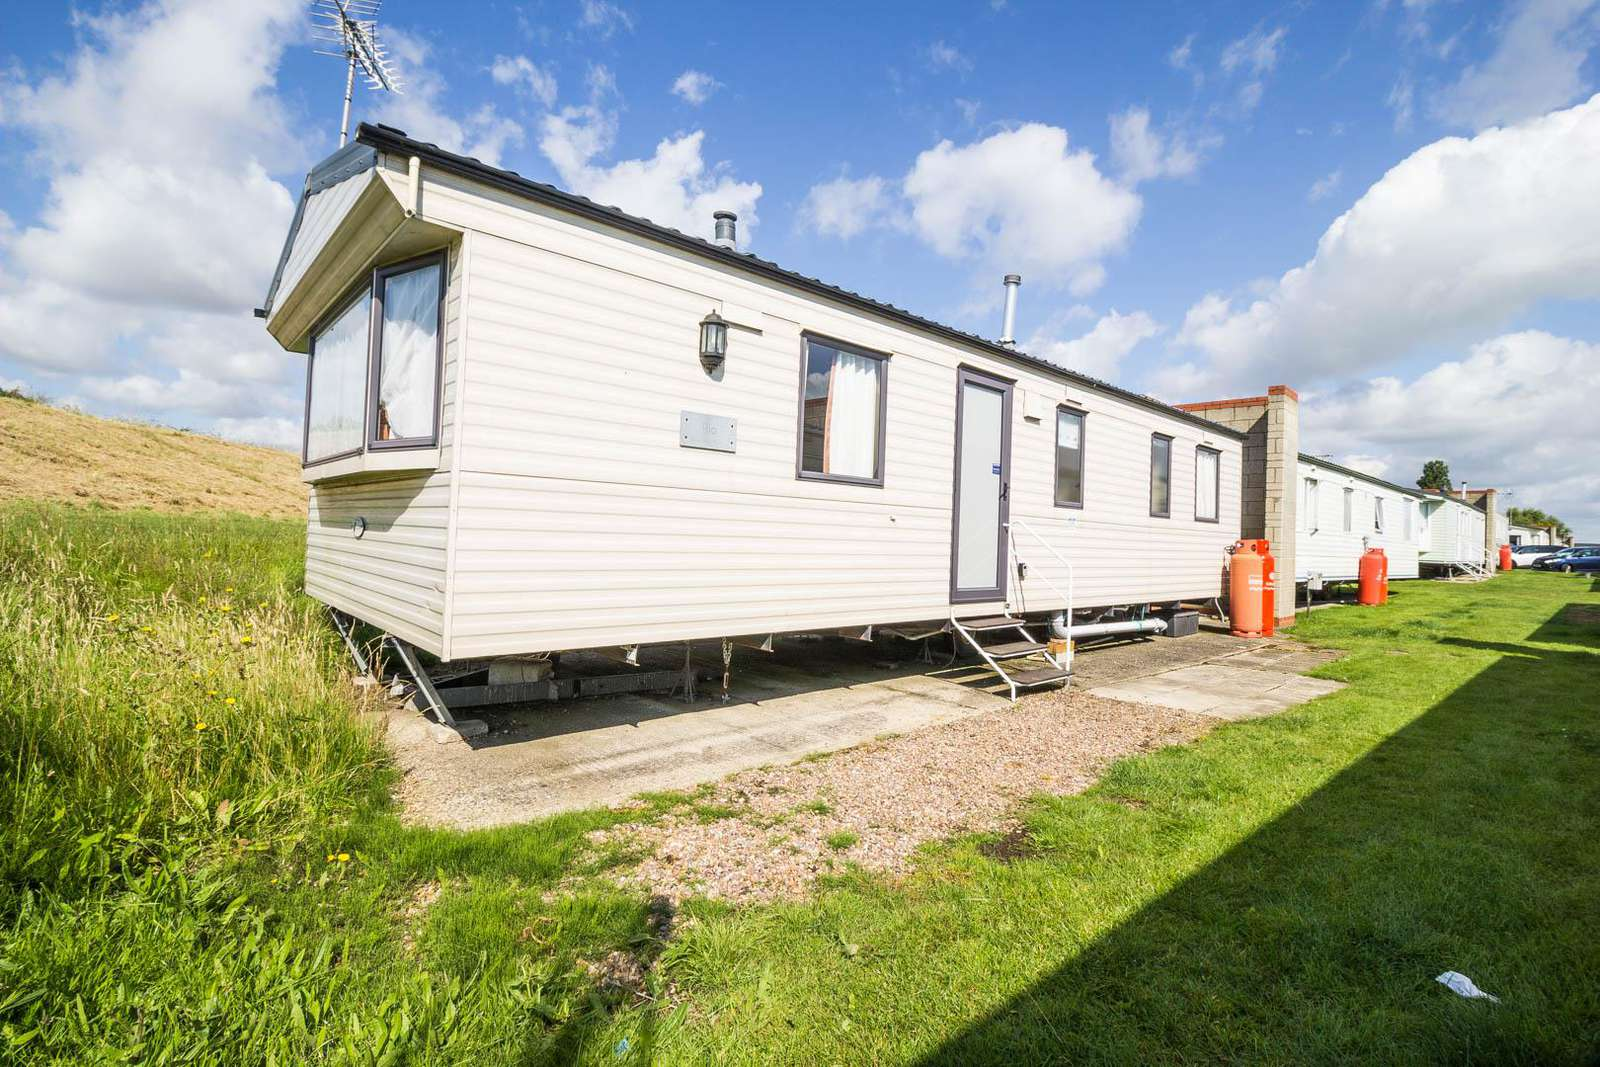 17275C – Conifers area, 2 bed, 6 berth caravan. Emerald rated. - property